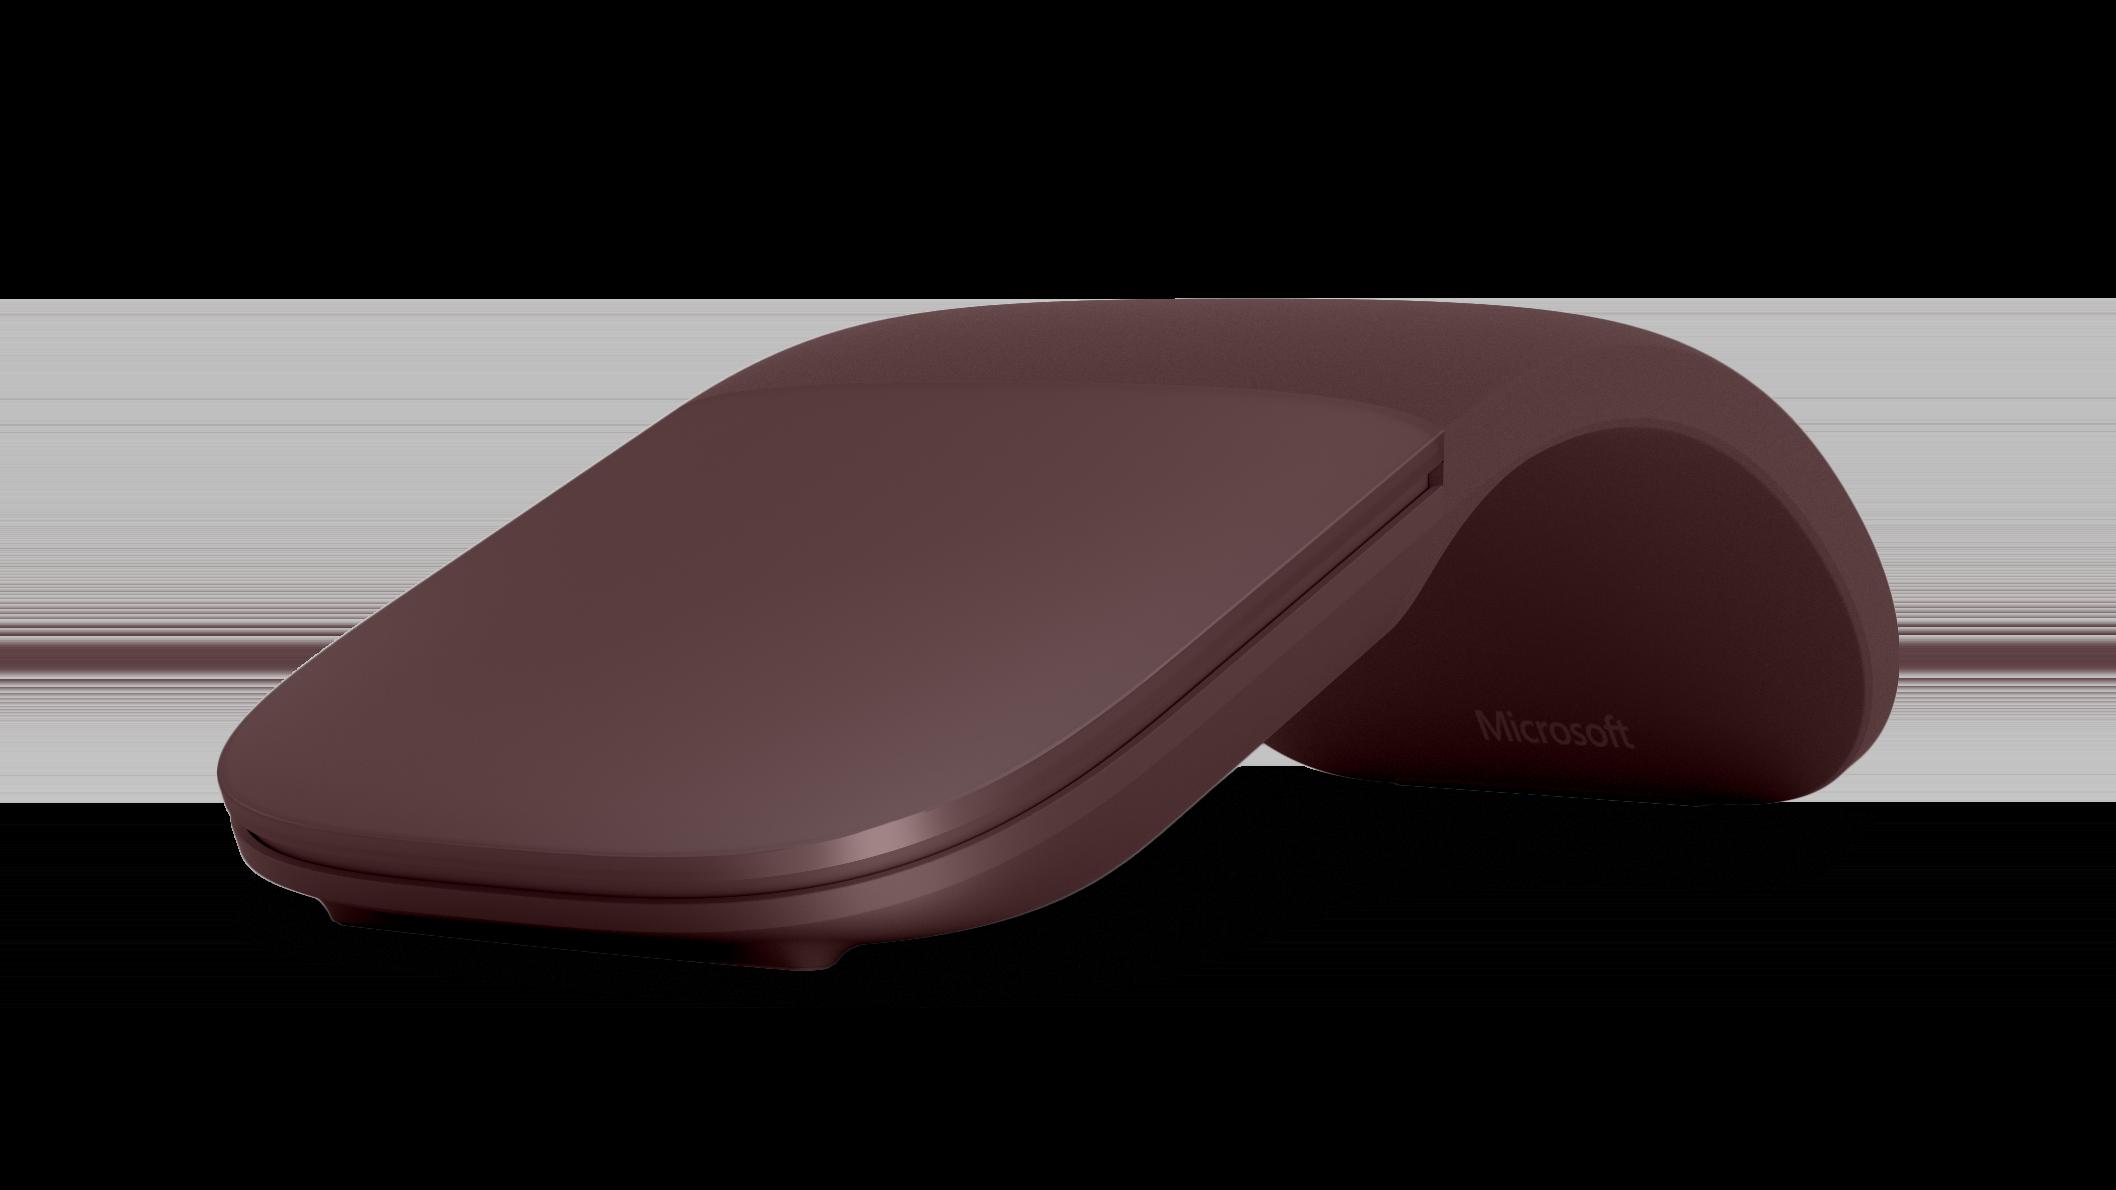 RE1HUcM?ver=66ba - Surface Arc Mouse (Burgundy)